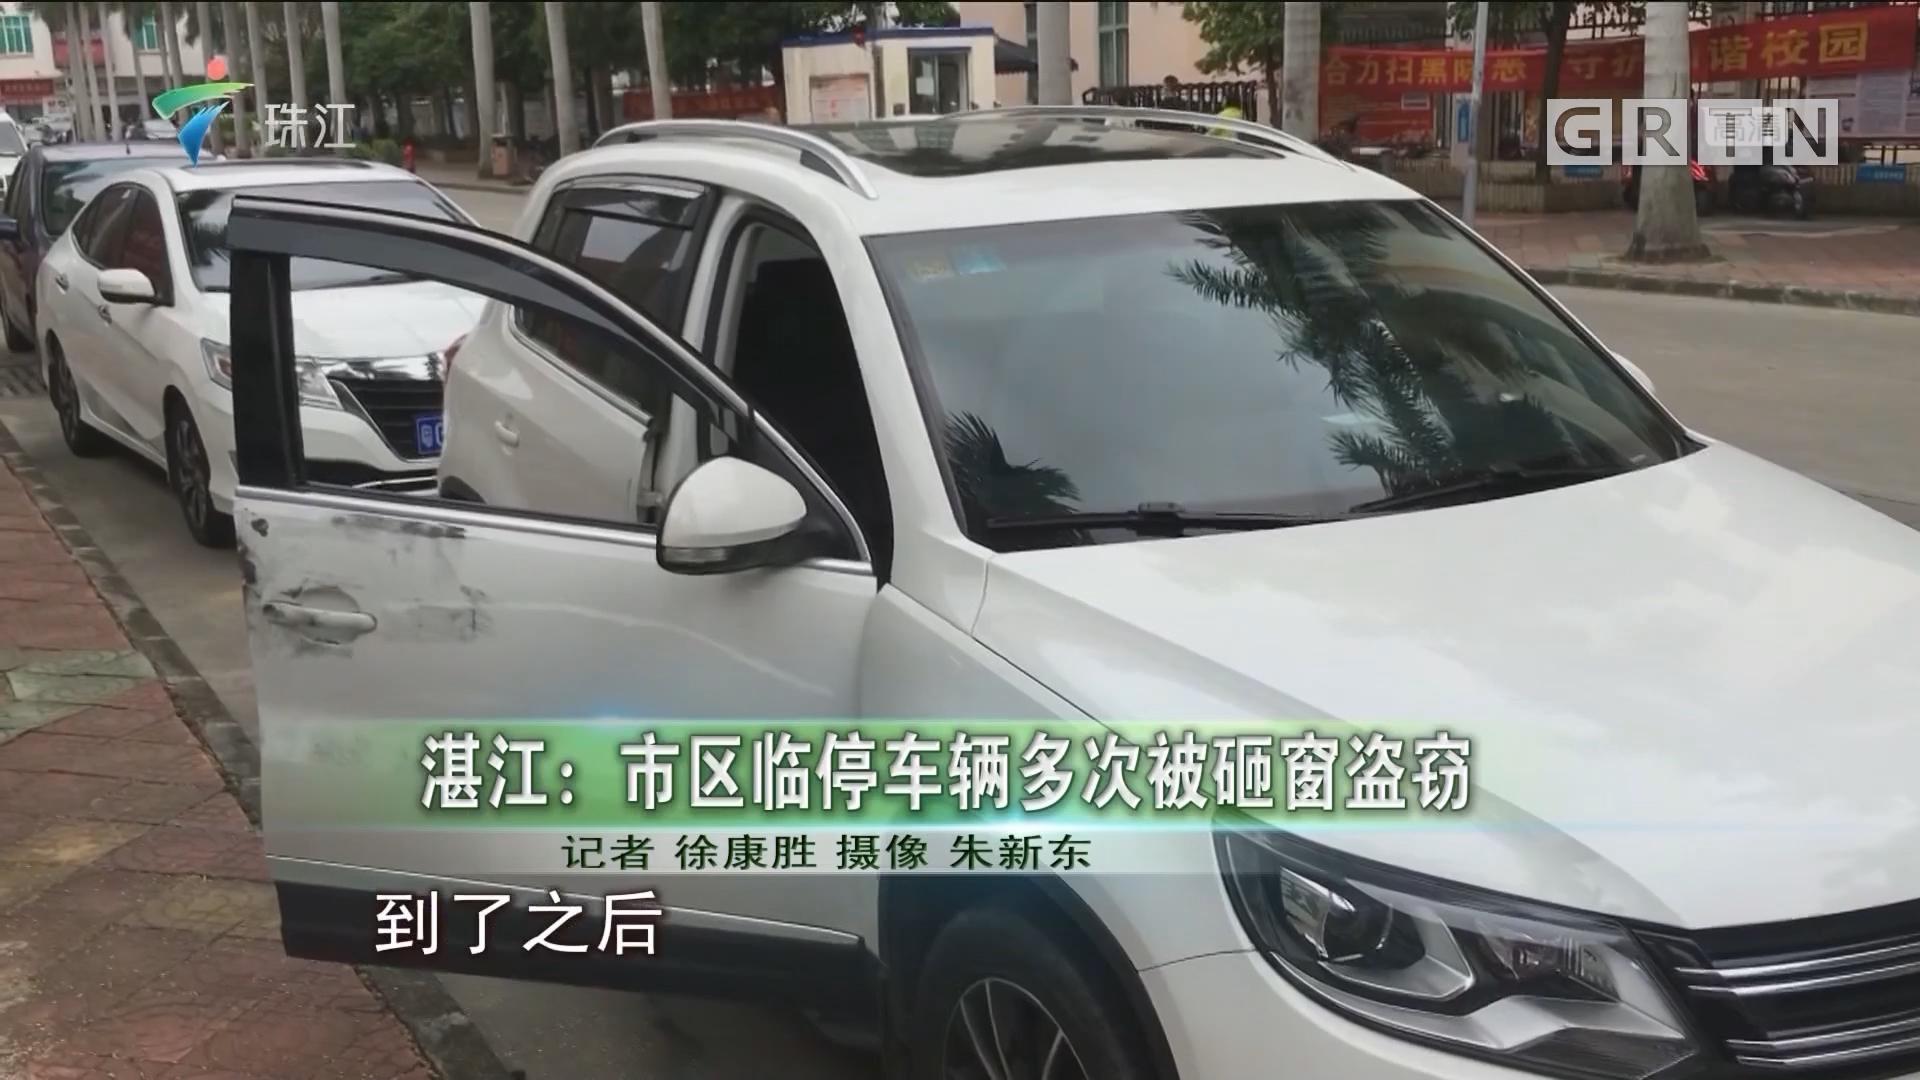 湛江:市区临停车辆多次被砸窗盗窃